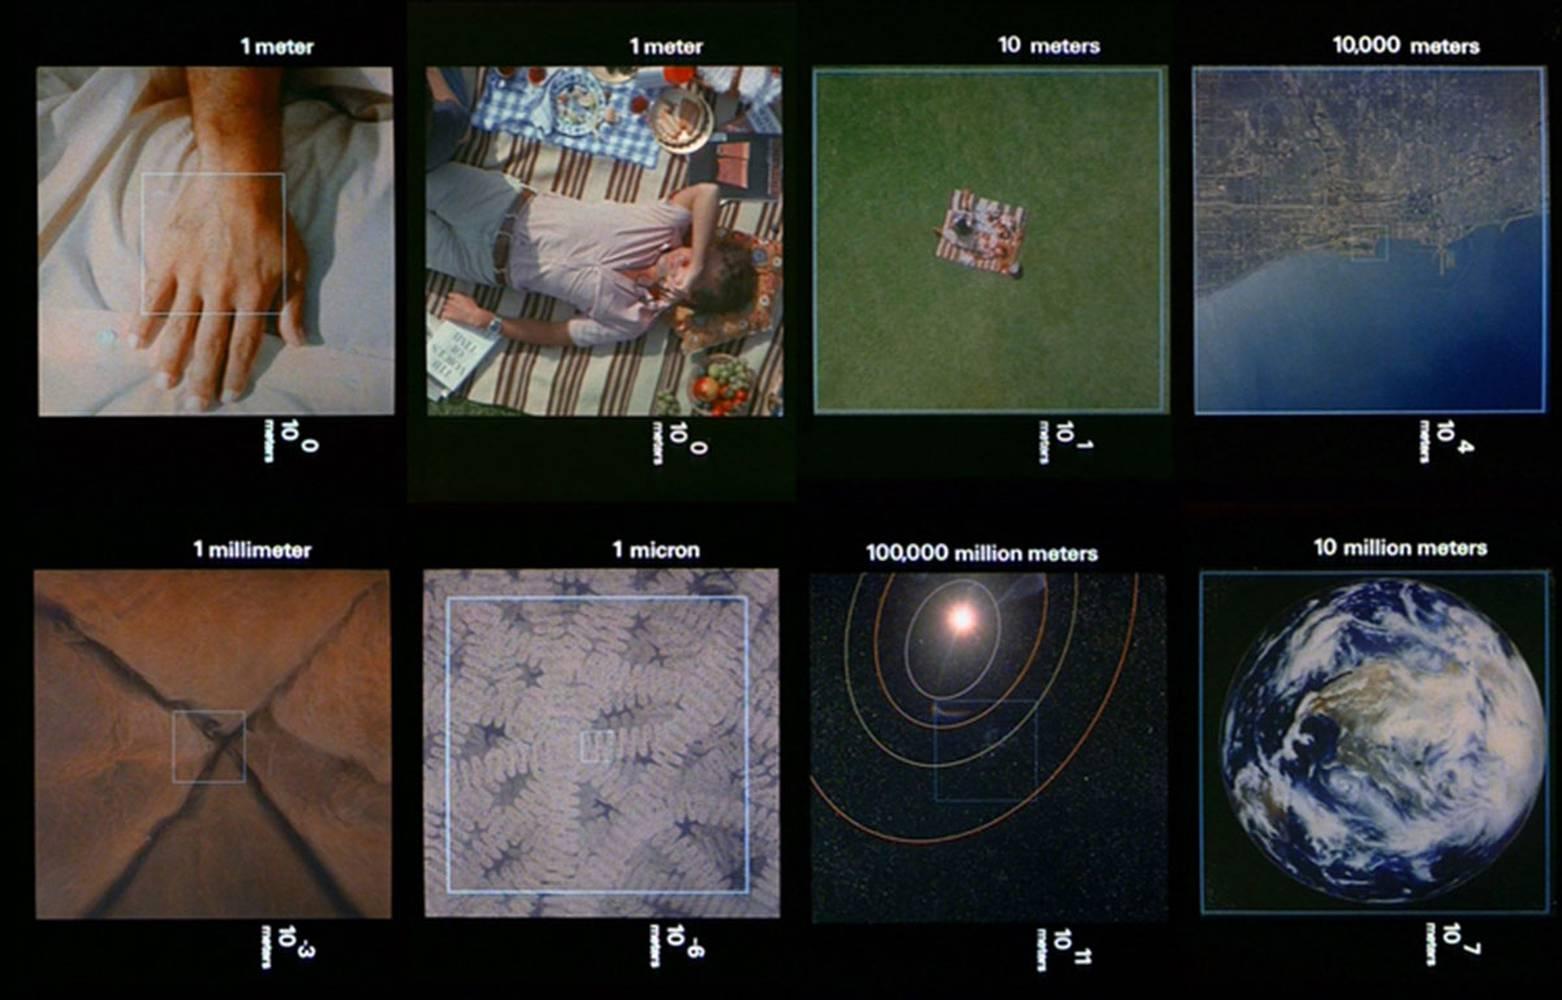 The Film Powers Of Ten Archio